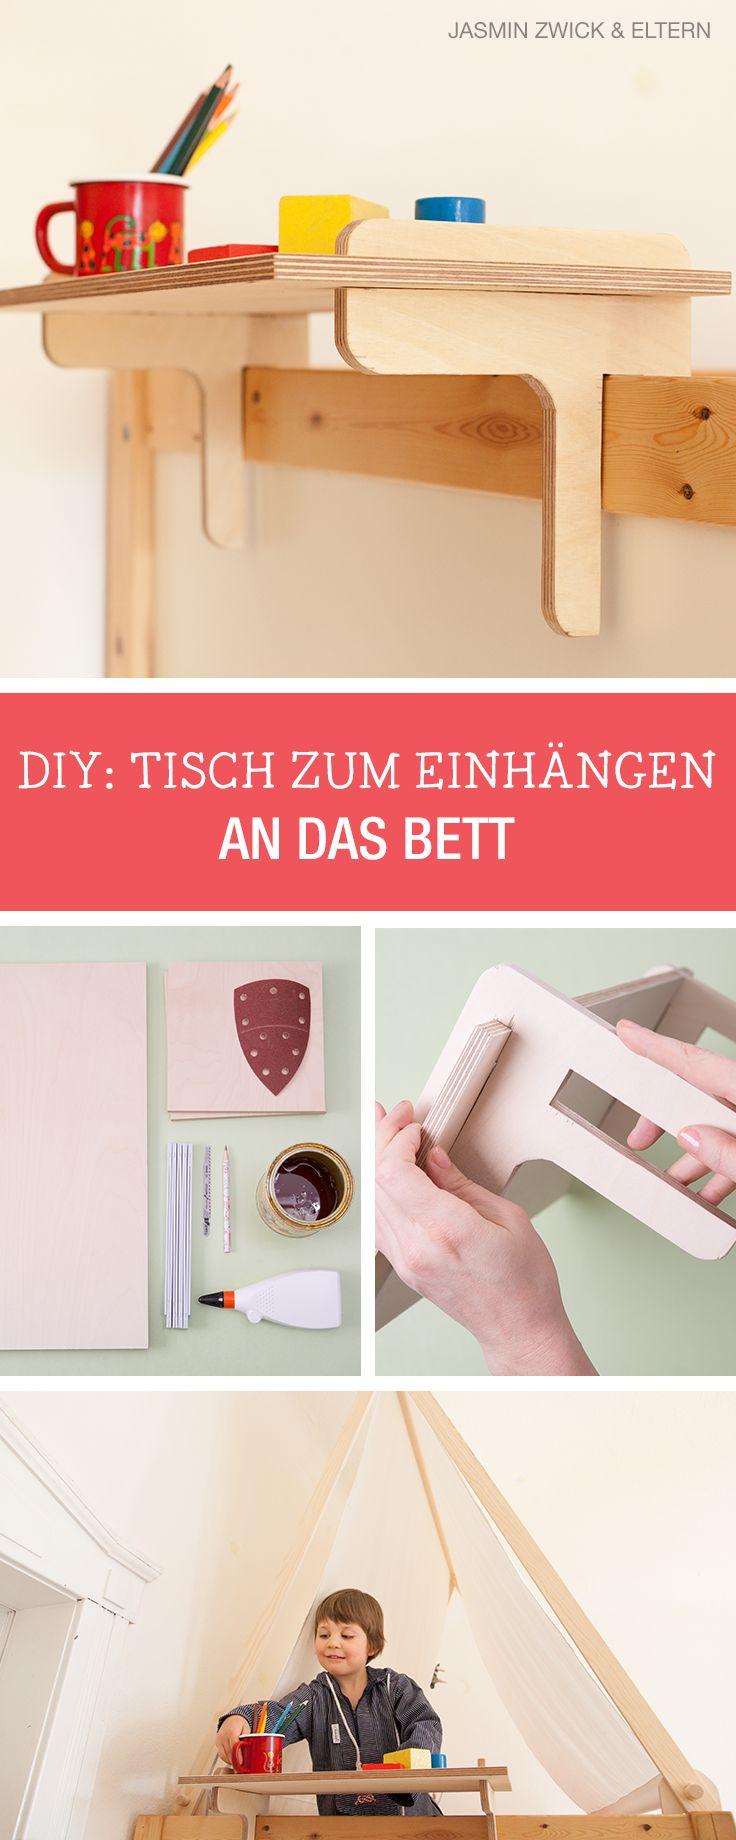 DIY-Anleitung zusammen mit Eltern.de: Tisch fürs Kinderbett bauen, Kinderzimmer einrichten / children's room diy: craft a table for the kid's bed via DaWanda.com